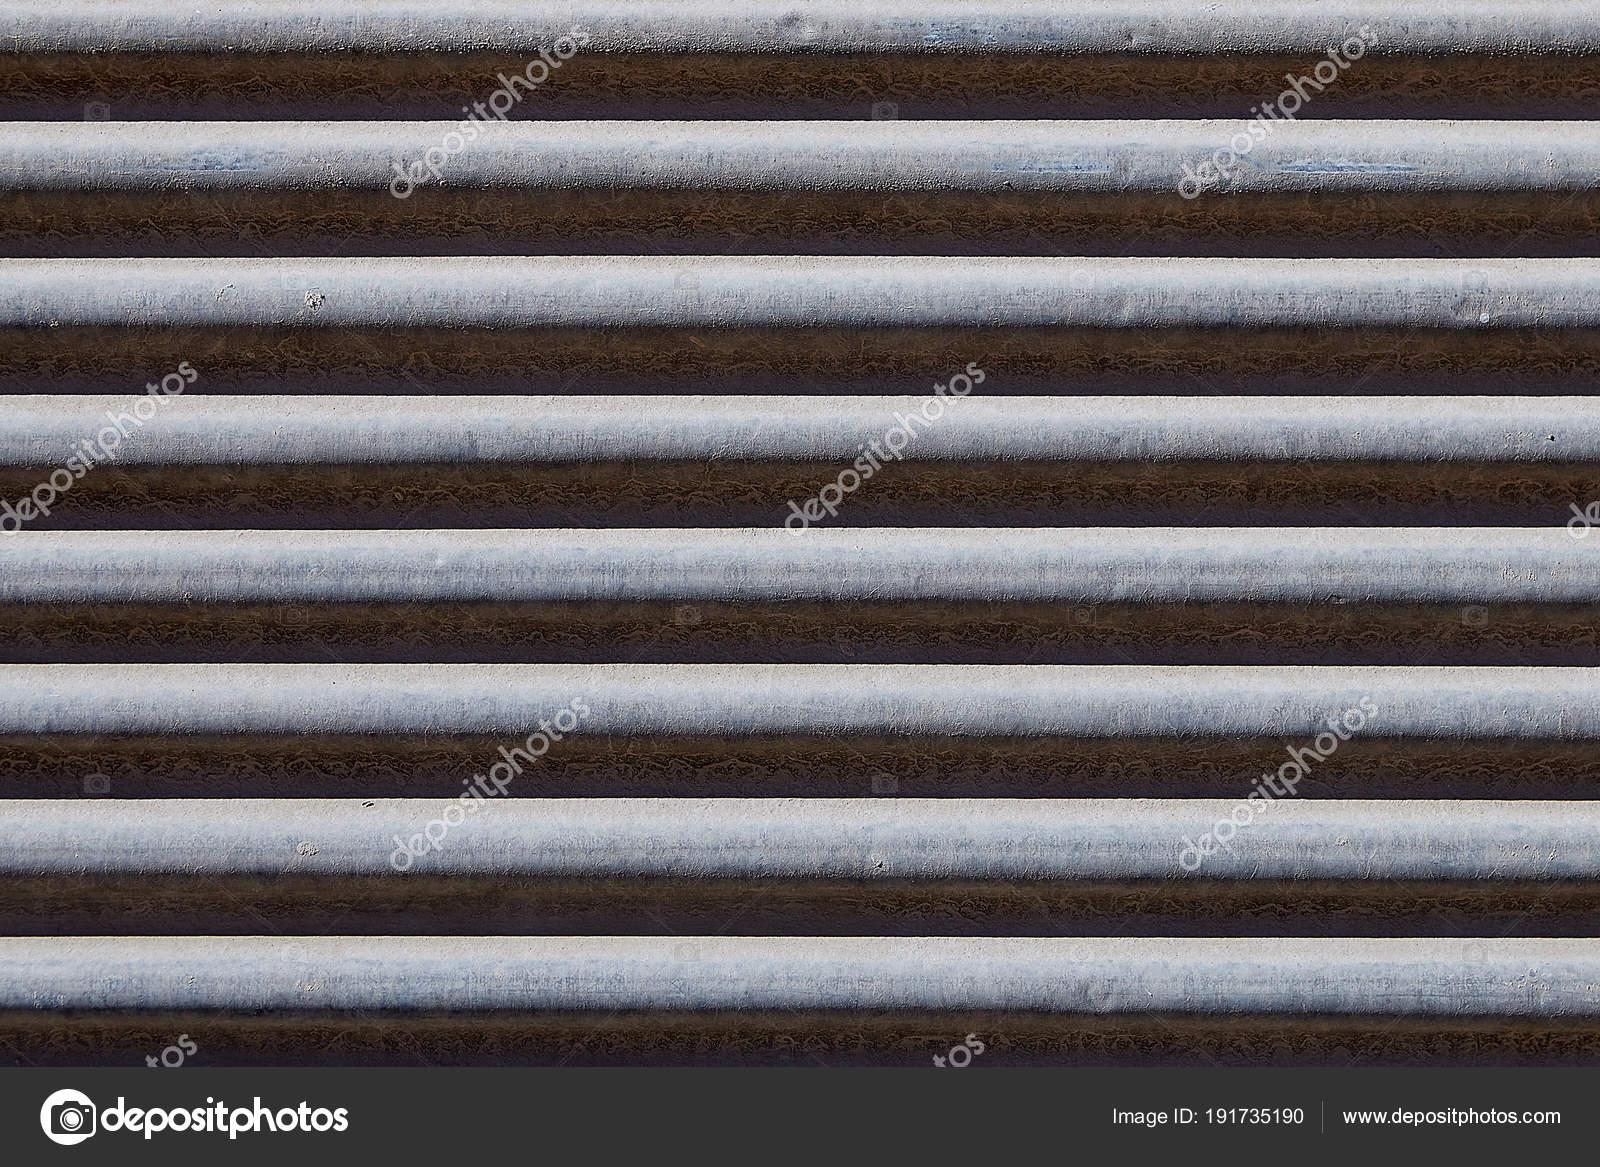 Old Roller Shutter, Metal Garage Door Backdrop Or Storefront, Texture. U2014  Stock Photo